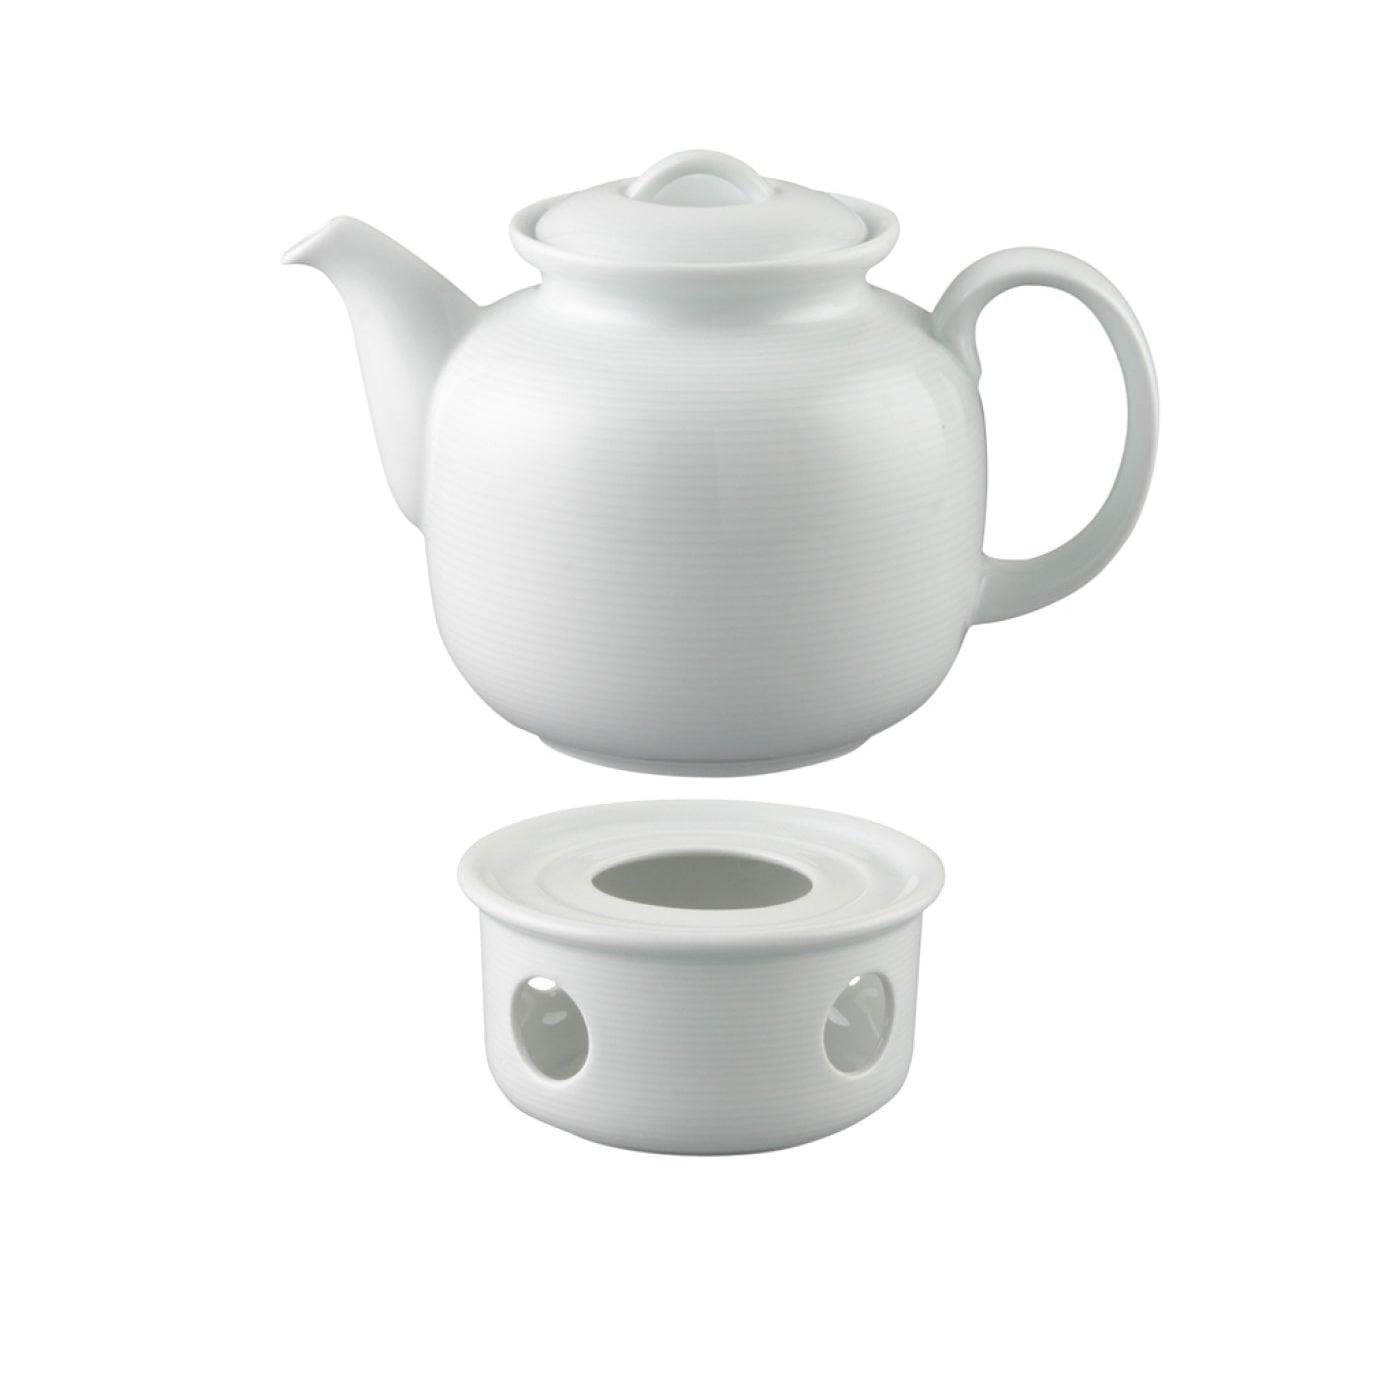 Die Kleine Geschenkidee - Tee-Set 6 Personen - 2-tlg. - Trend Weiß ...